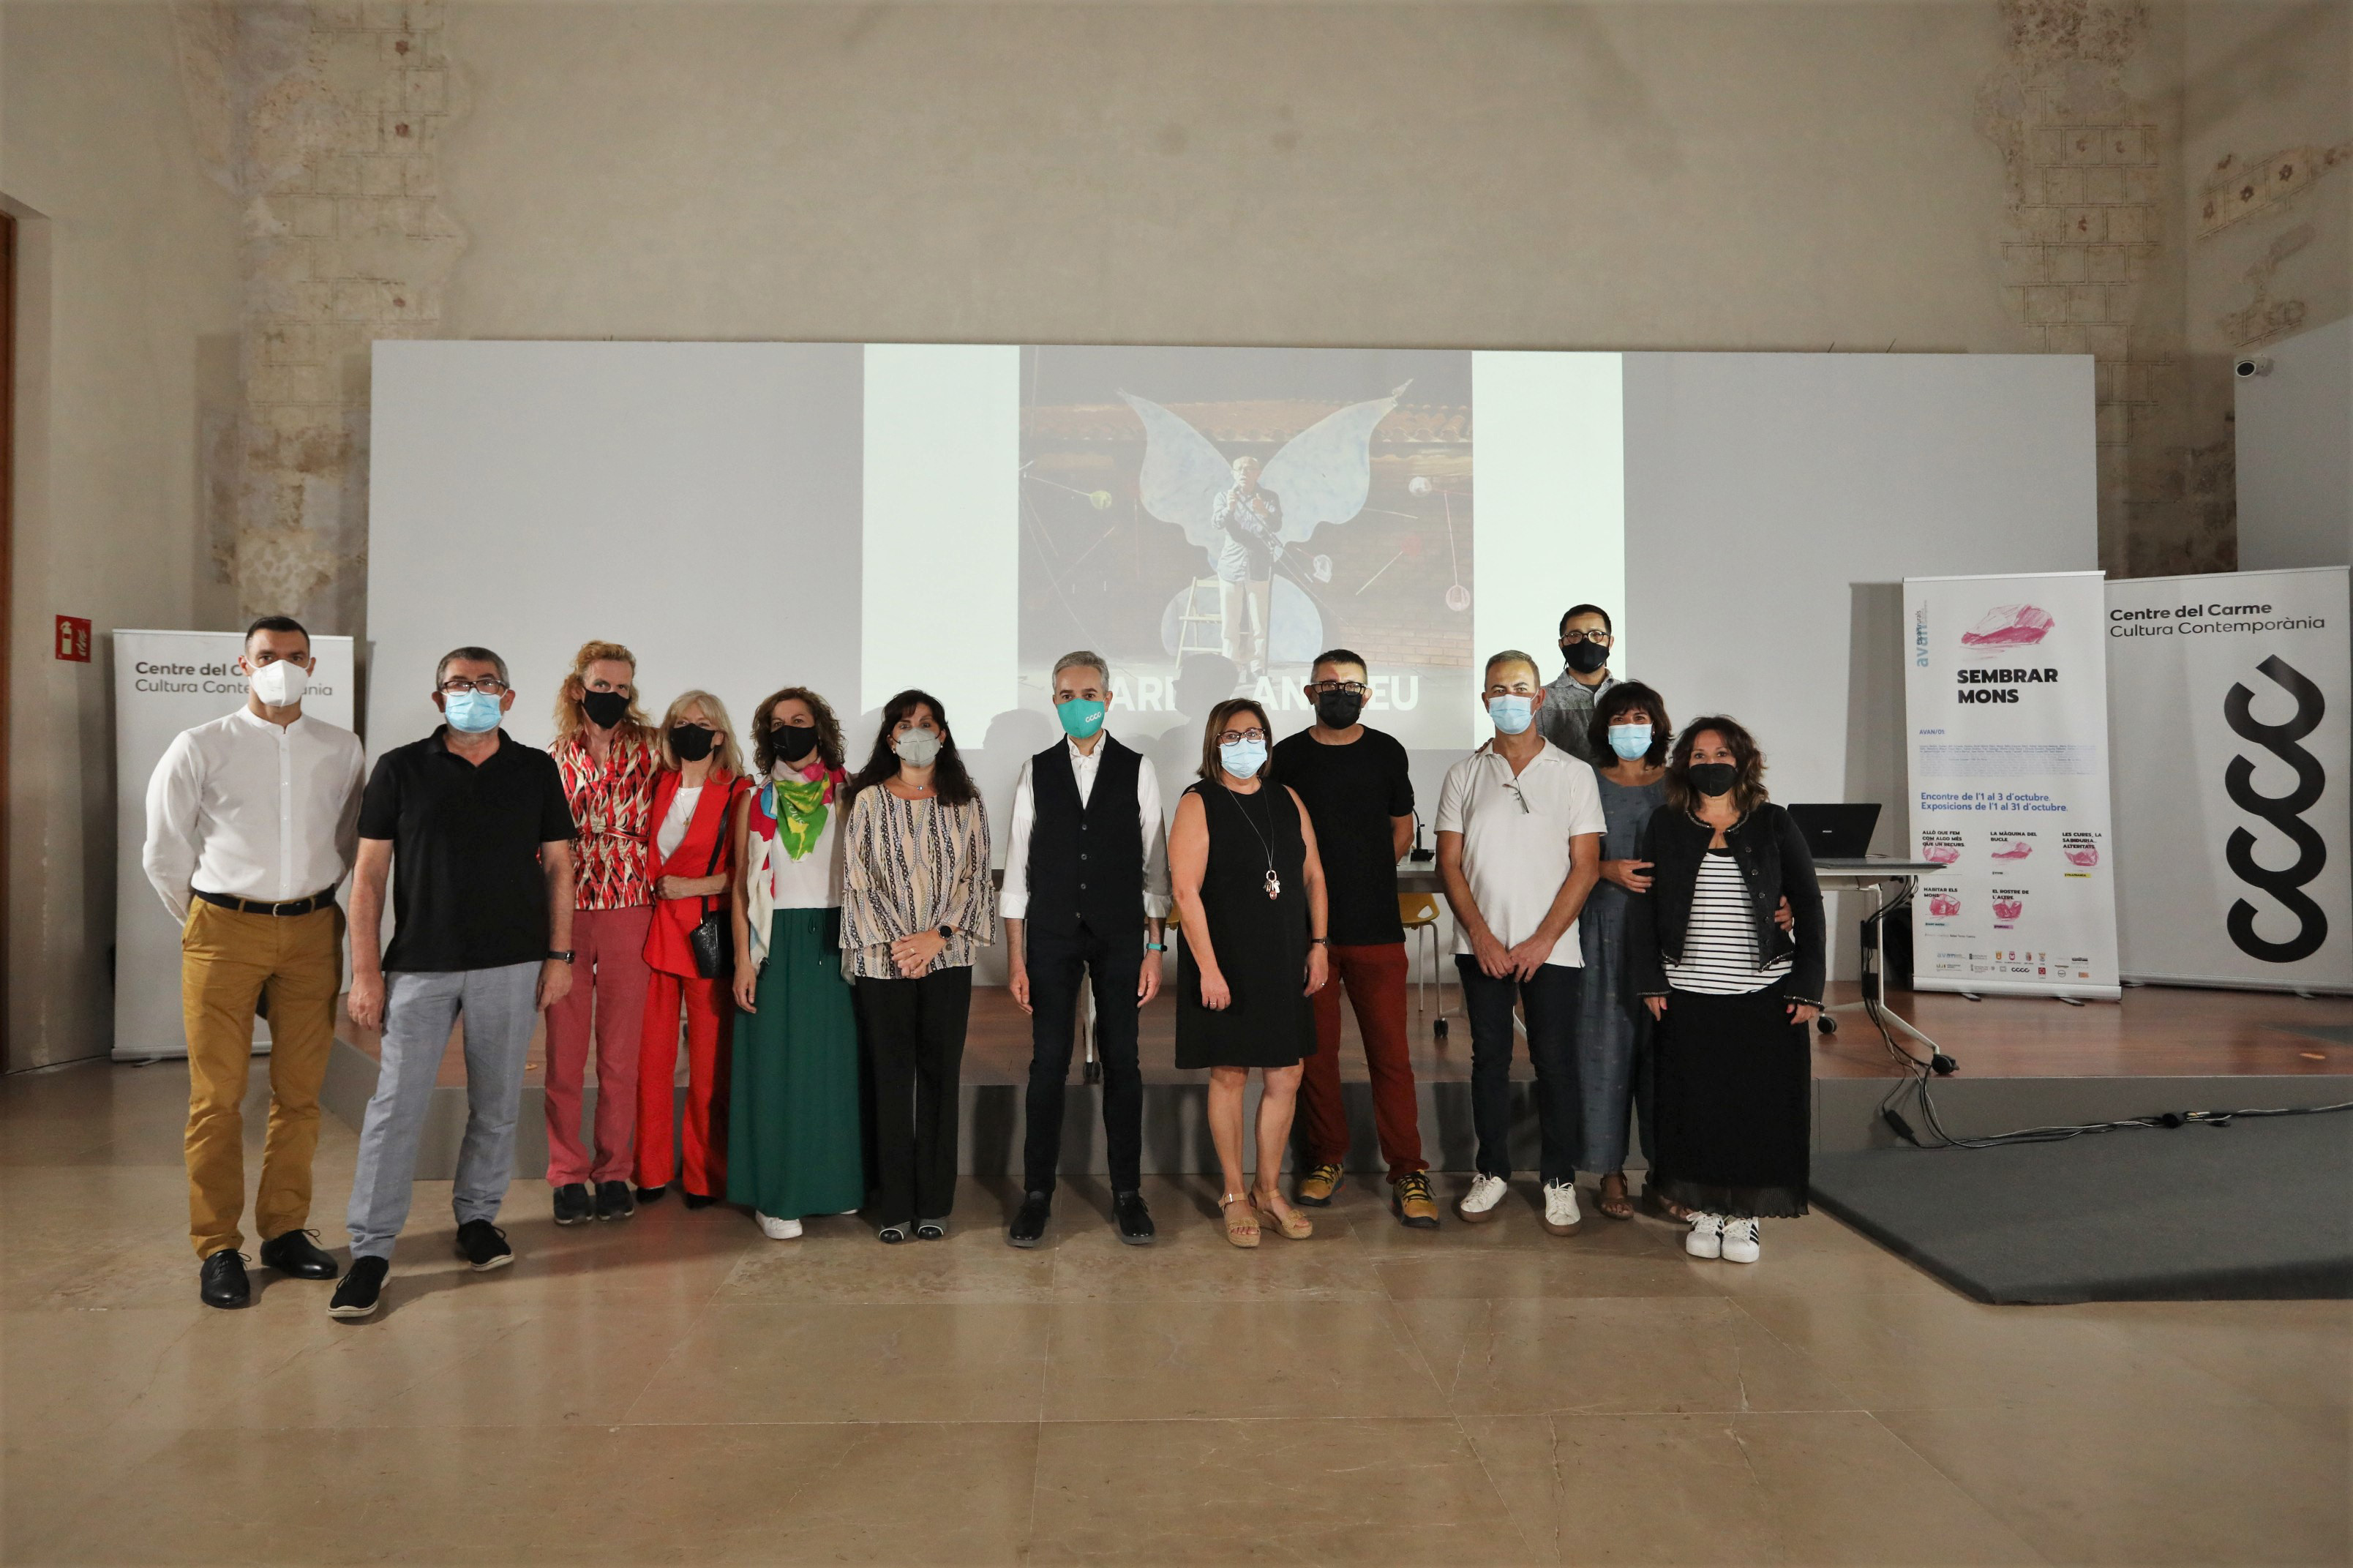 El Consorci de Museus y la UJI impulsan propuestas artísticas en diálogo con el entorno rural y la ciudadanía